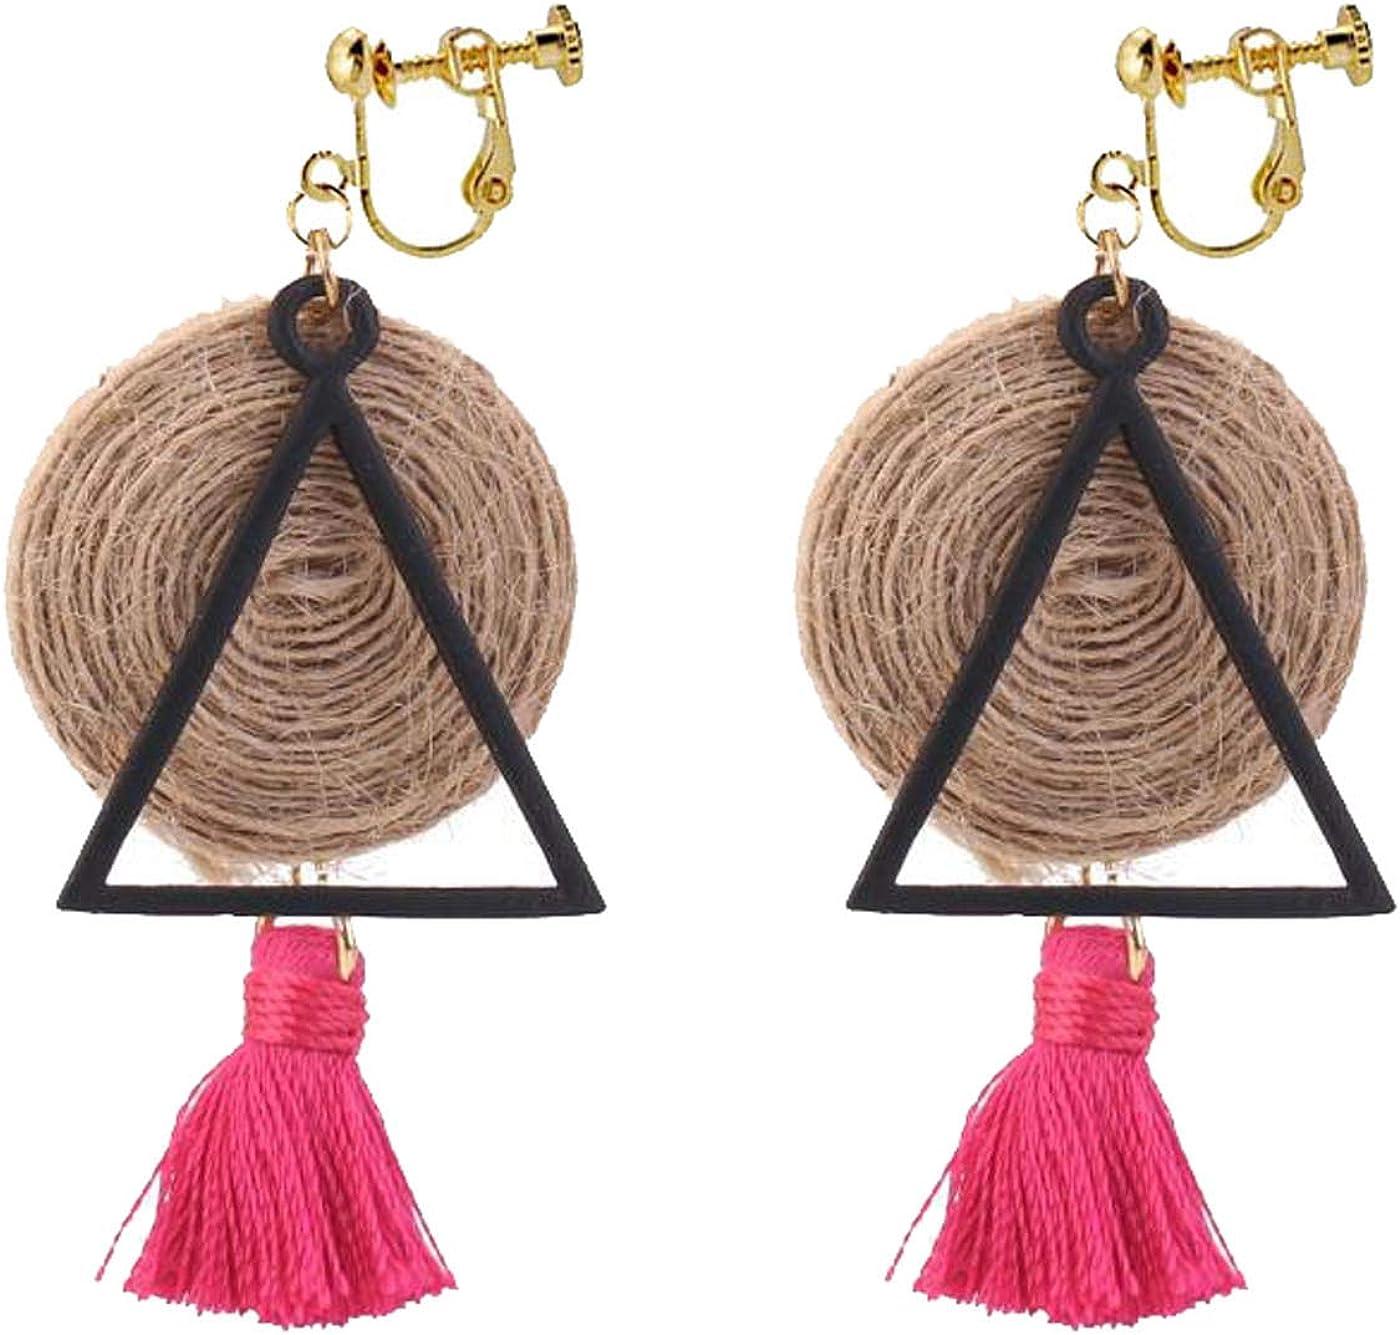 Retro Clip on Earrings Bohemian Earrings for Women Girls Handmade Straw Braid Dangle Drop Silk Tassel Vintage Statement